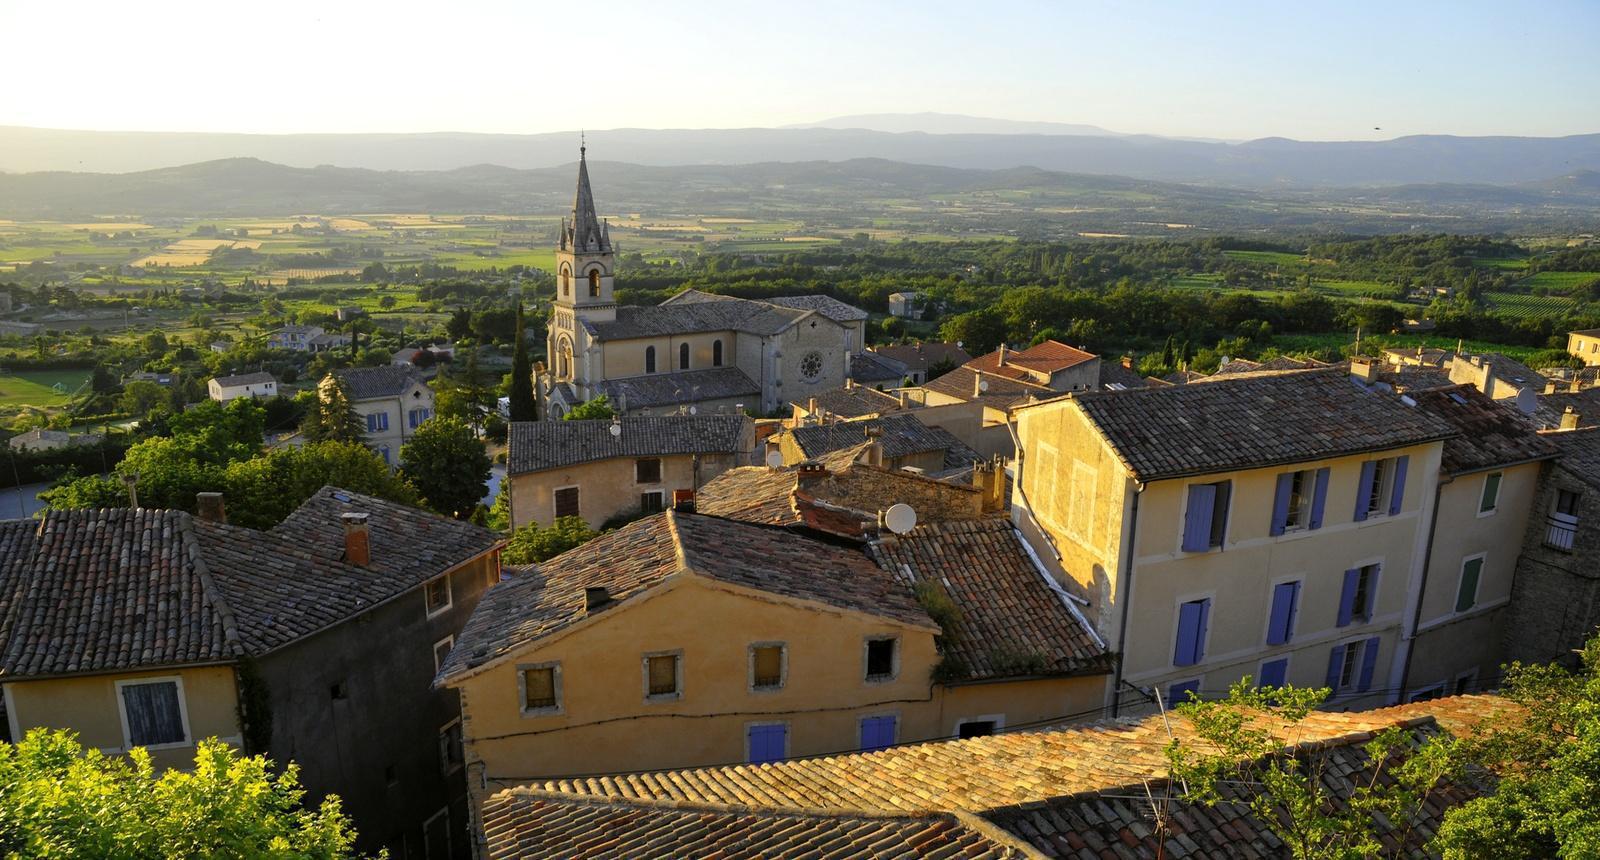 Vue sur le village de Bonnieux, Luberon